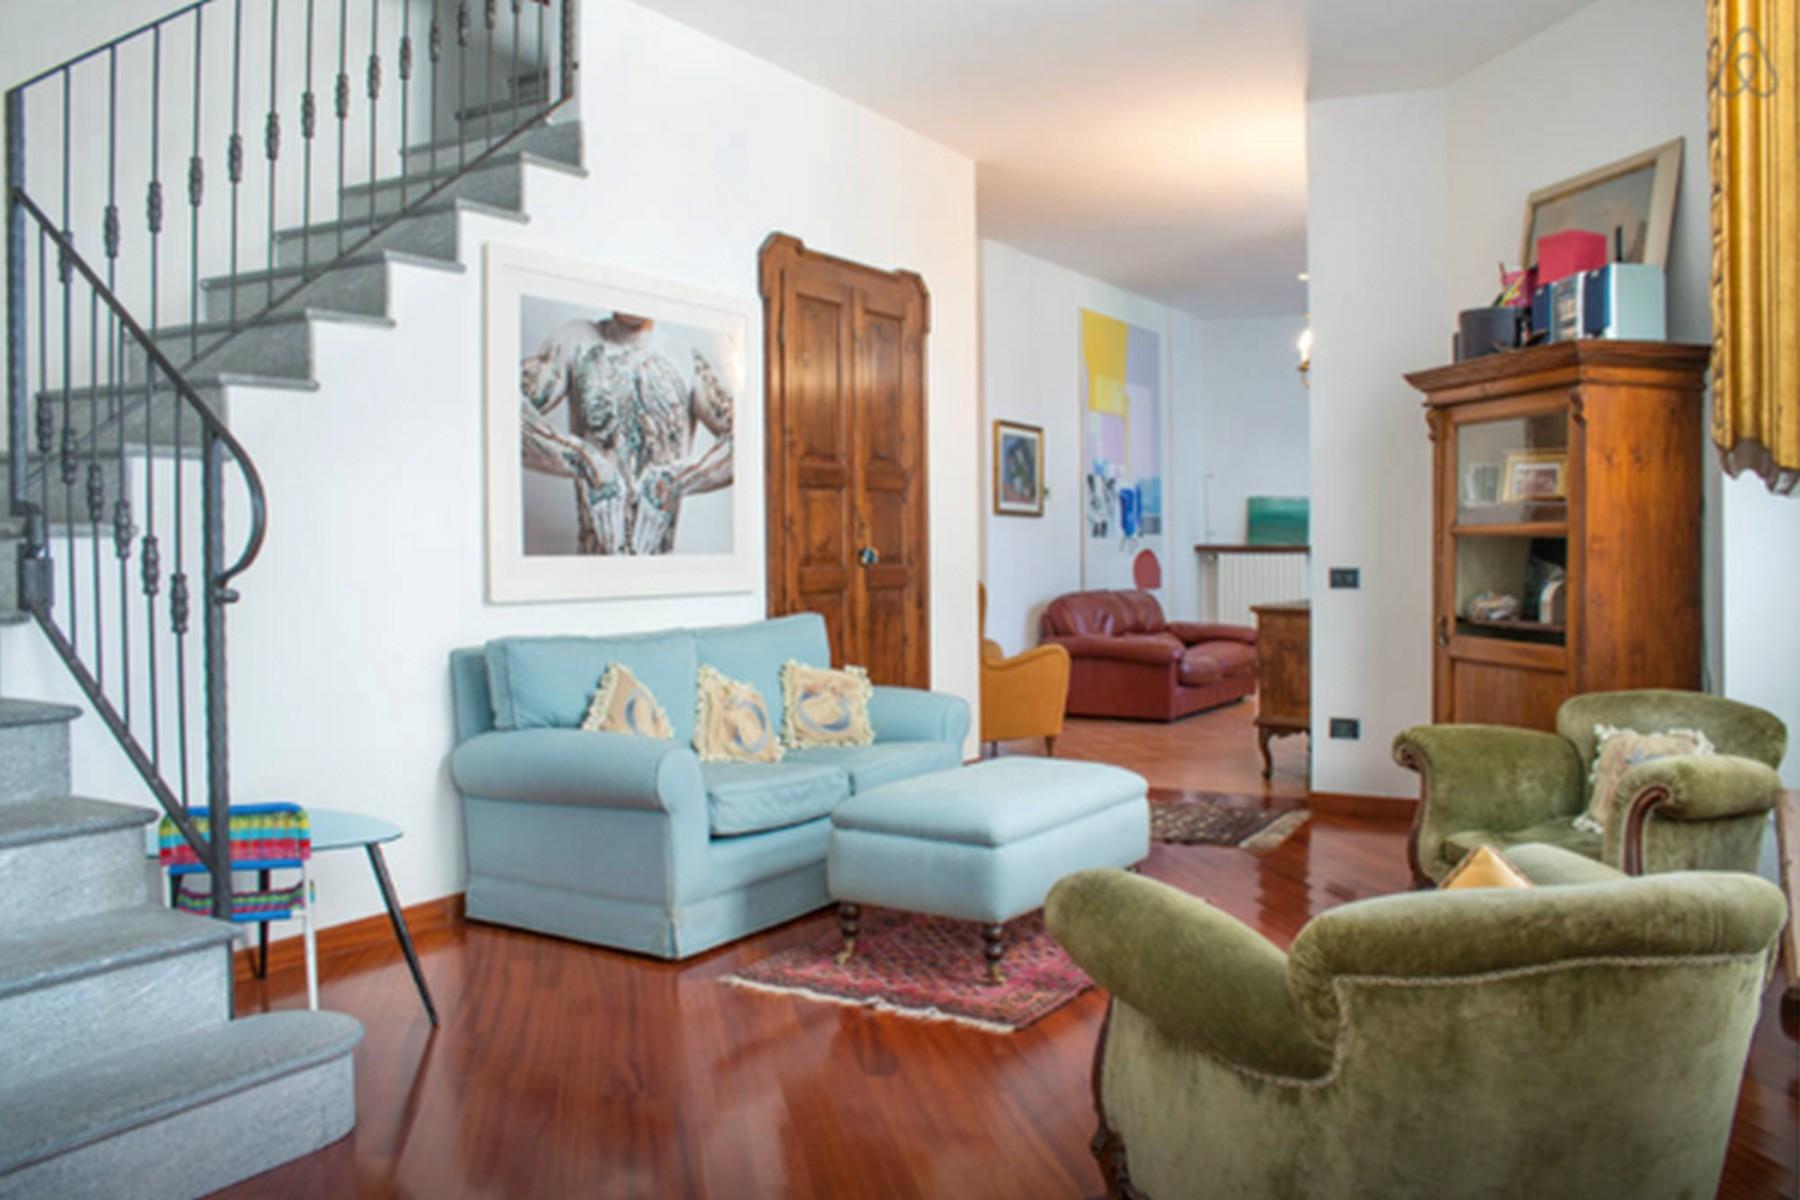 Casa indipendente in Vendita a Como: 5 locali, 180 mq - Foto 3